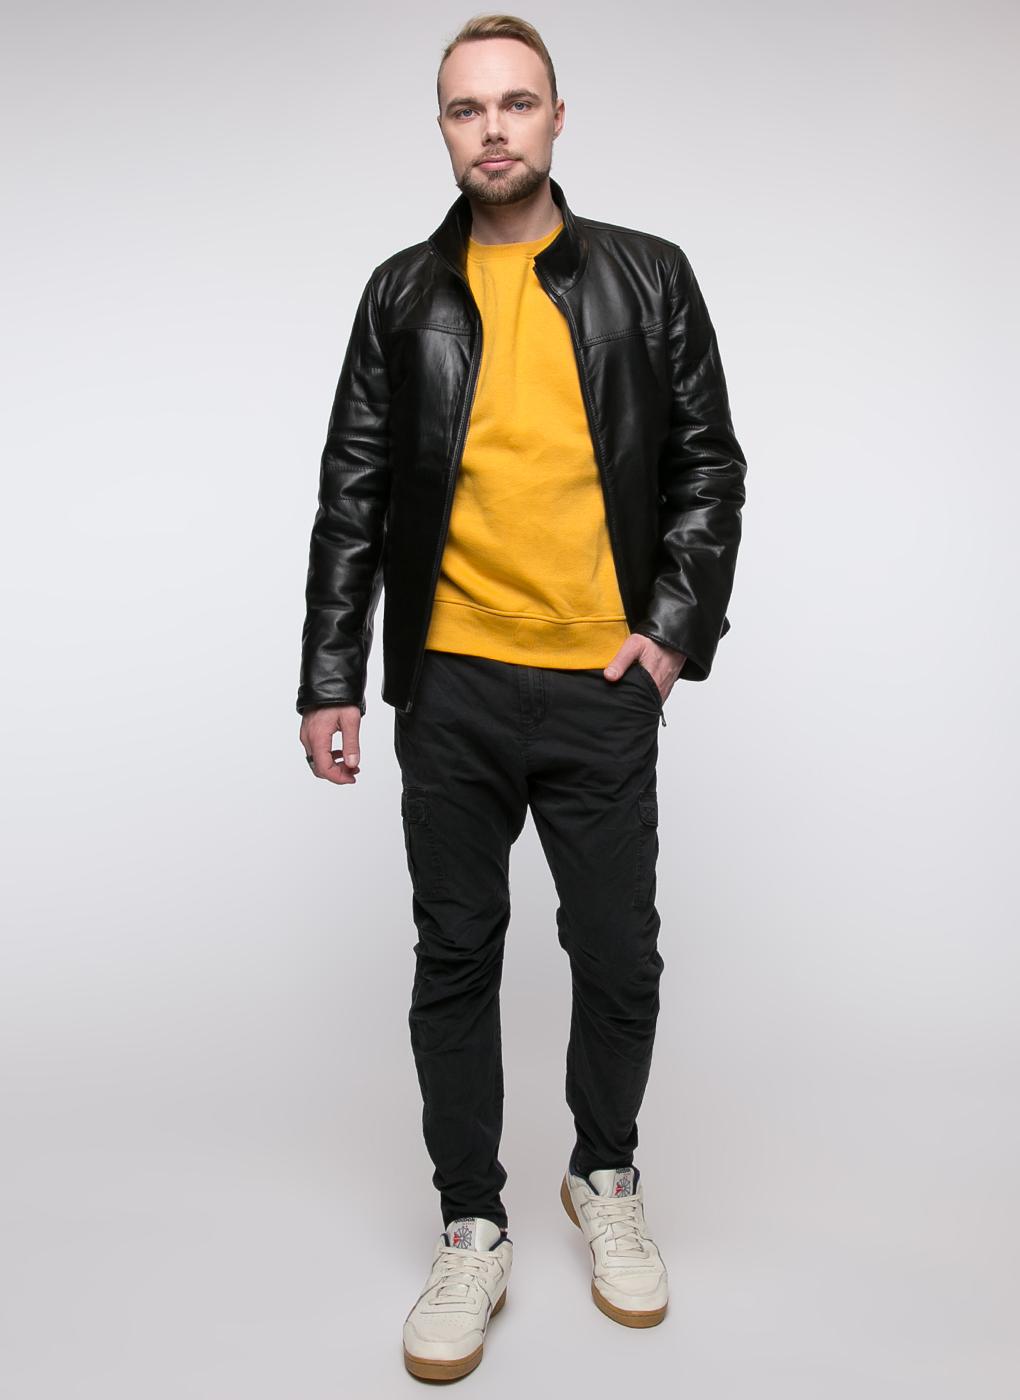 Кожаная куртка мужская утепленная 05, Original fur company фото